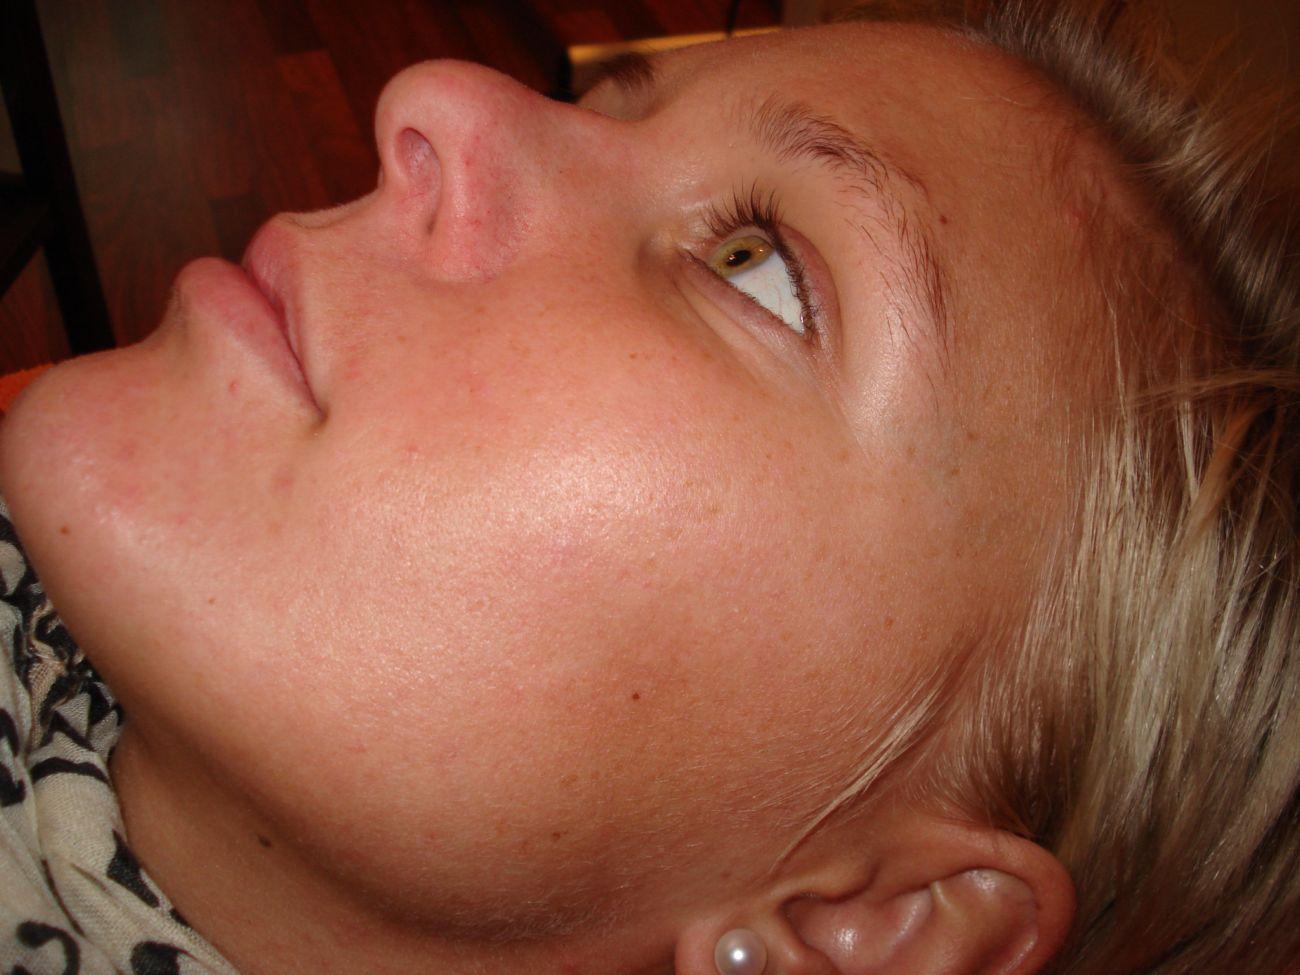 ízületi pikkelysömör kezelése népi gyógymódokkal psoriasis and female infertility